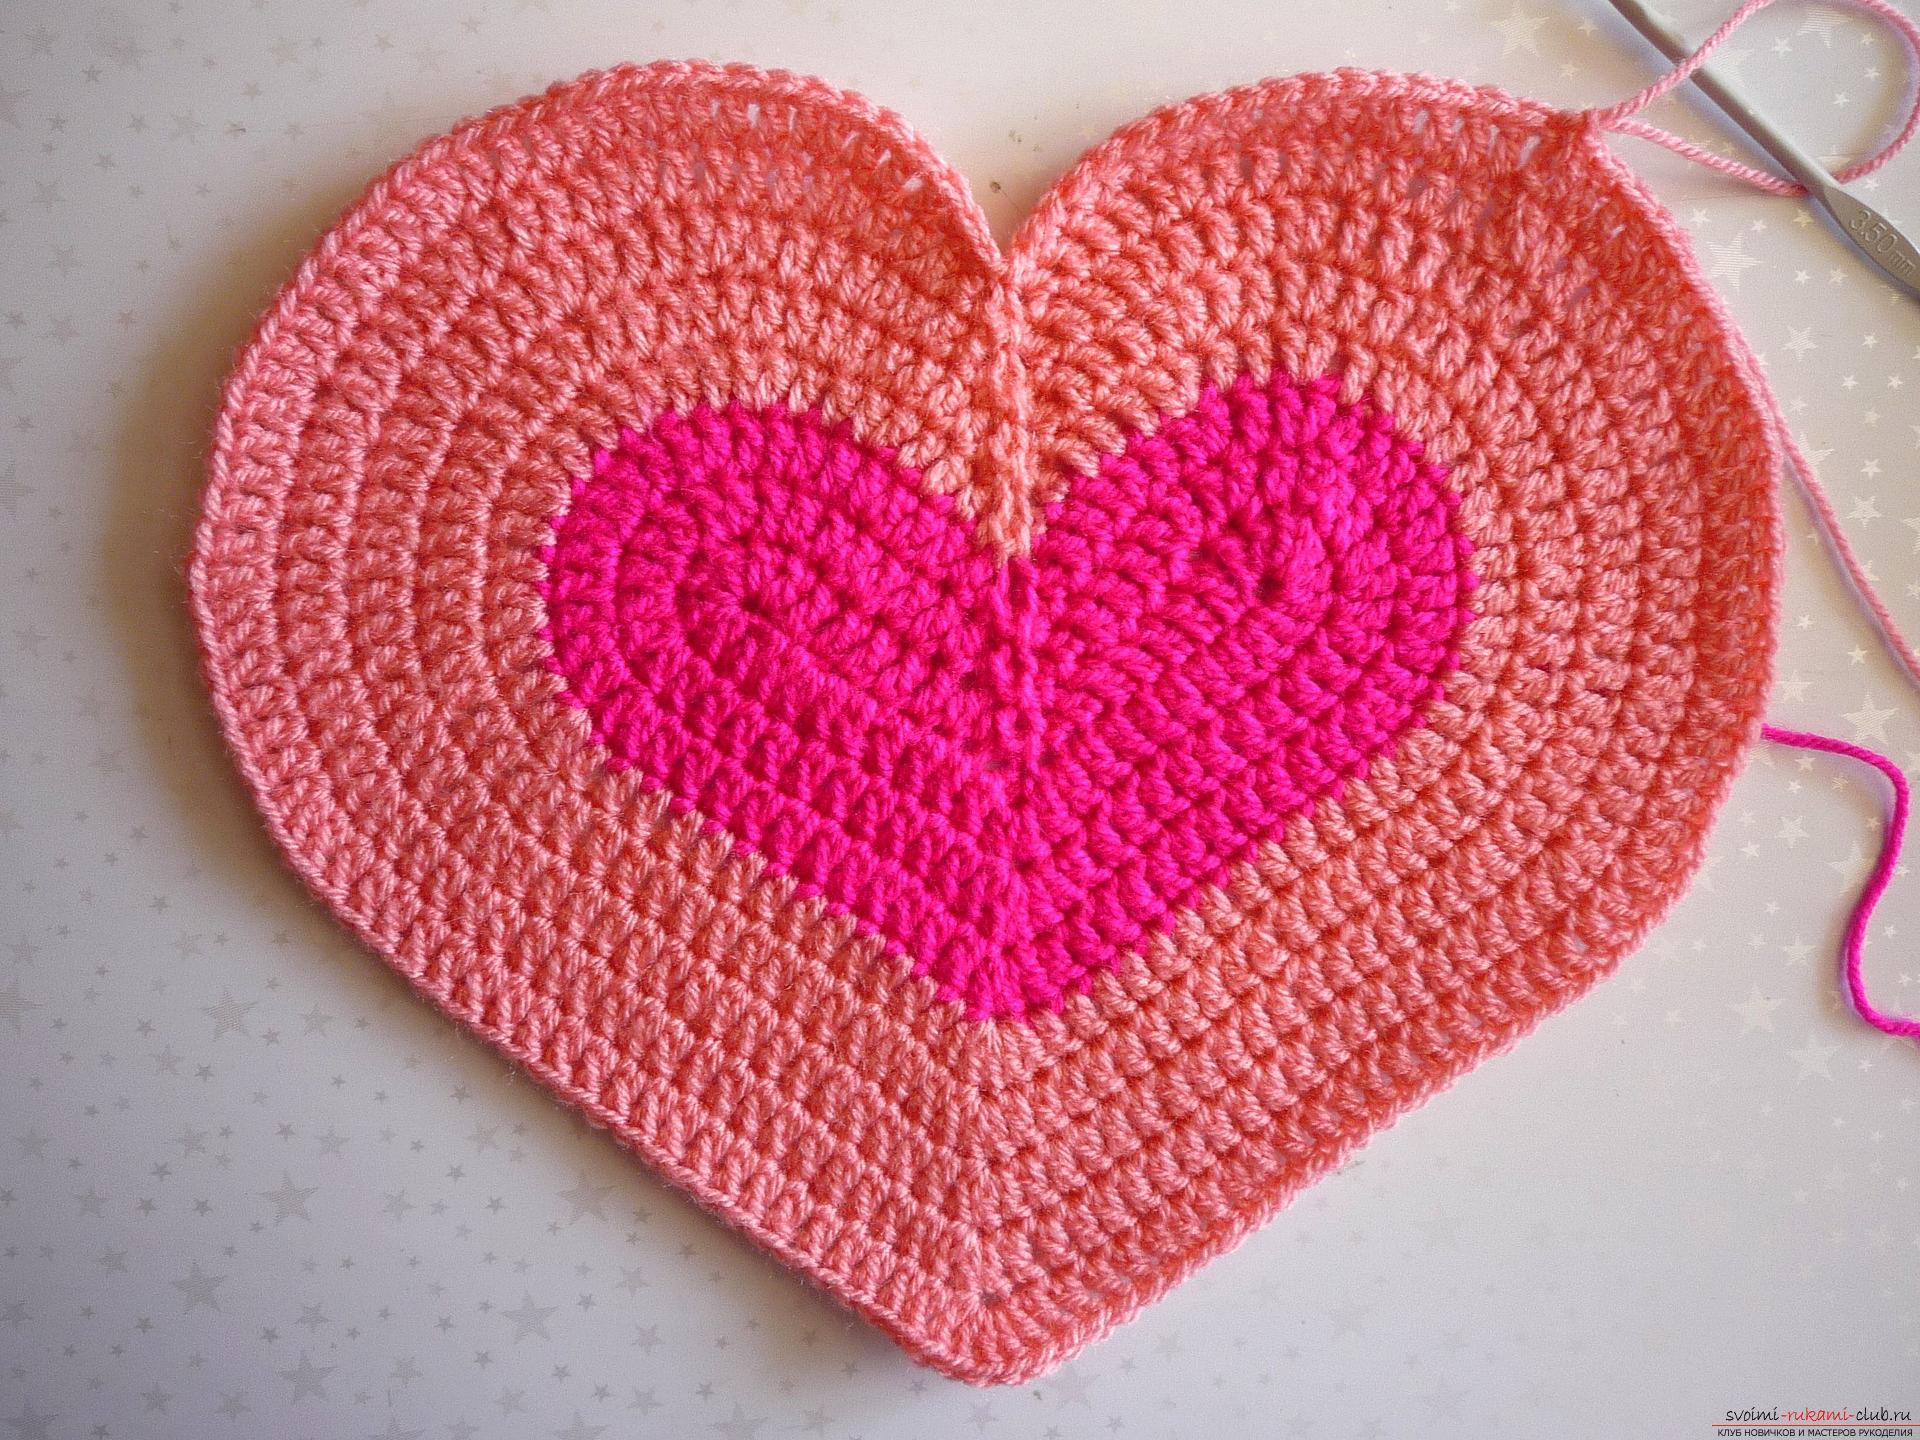 """Как связать вязаную подушку """"Сердечко """" спицами: описание, фото"""